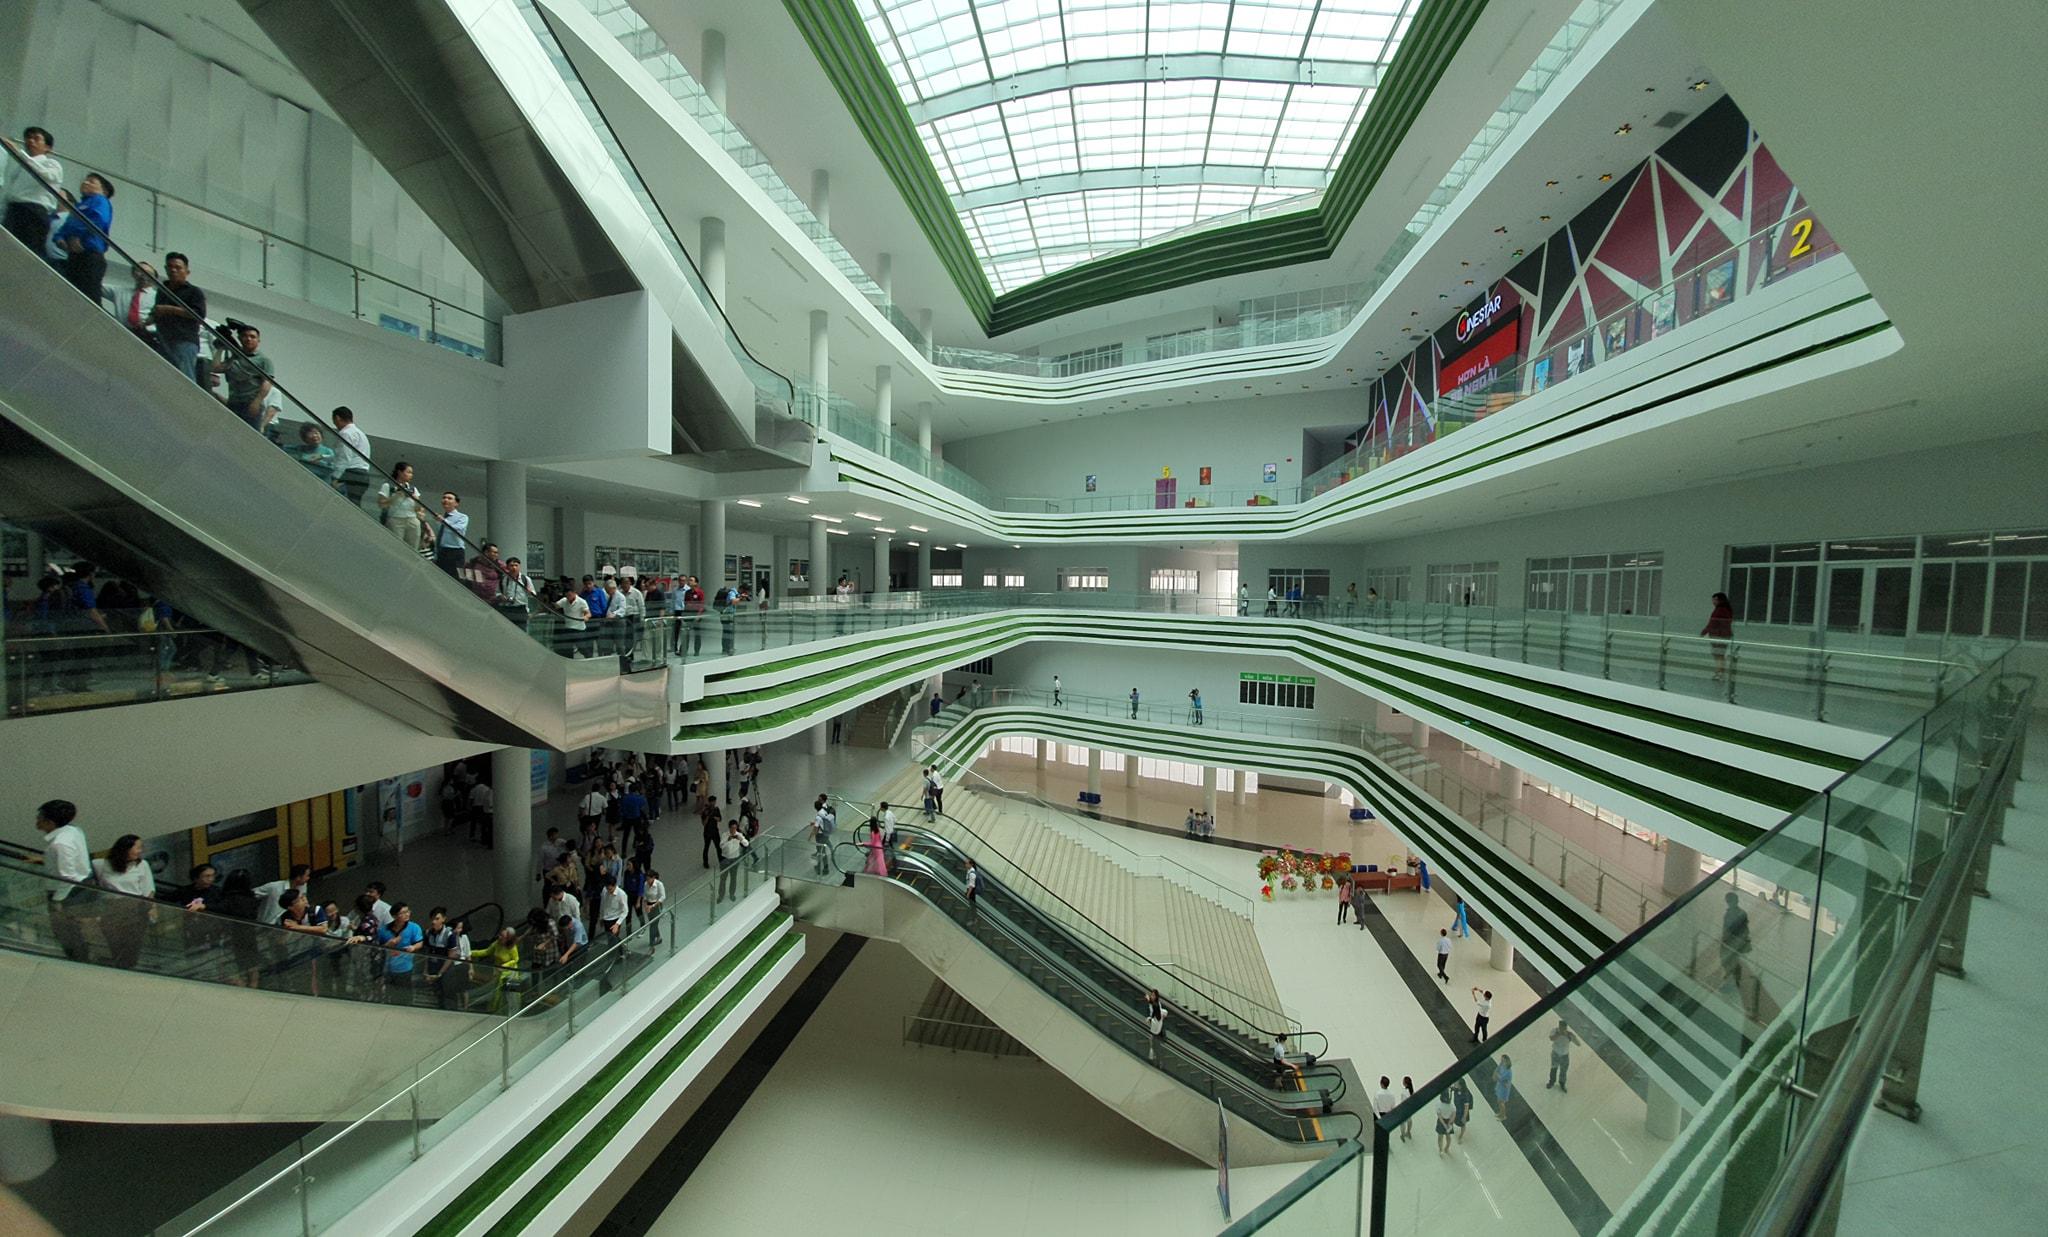 Không gian bên trong nhà văn hoá sinh viên đầy đủ thư viện, rạp chiếu phim, nhà hát